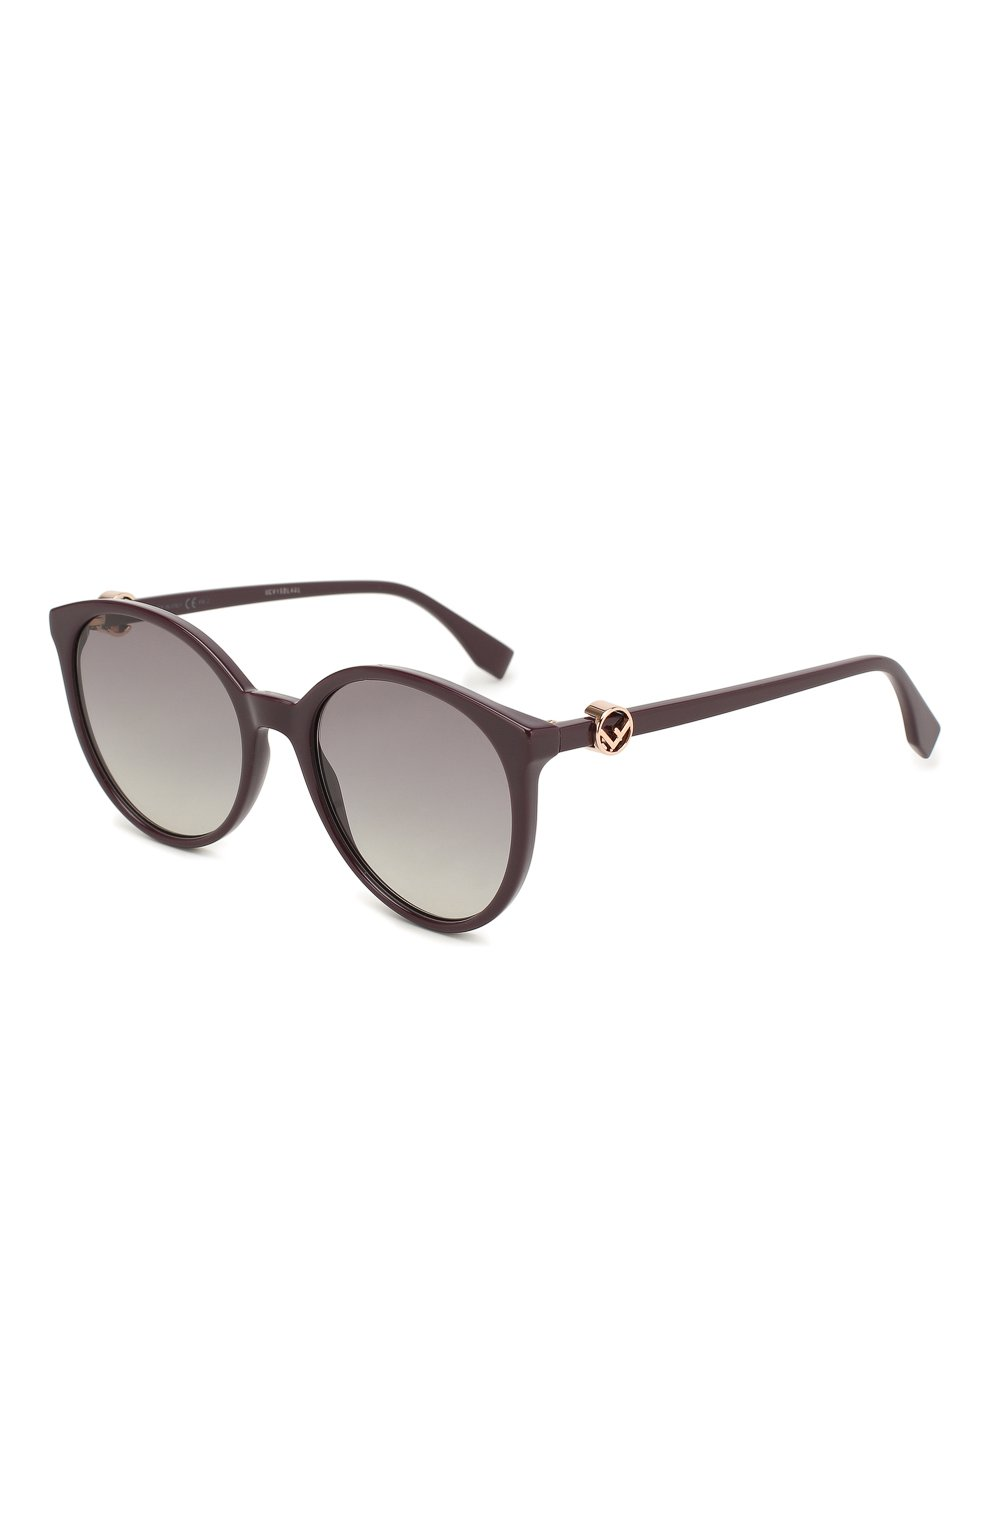 Женские солнцезащитные очки FENDI фиолетового цвета, арт. 0288 0T7   Фото 1